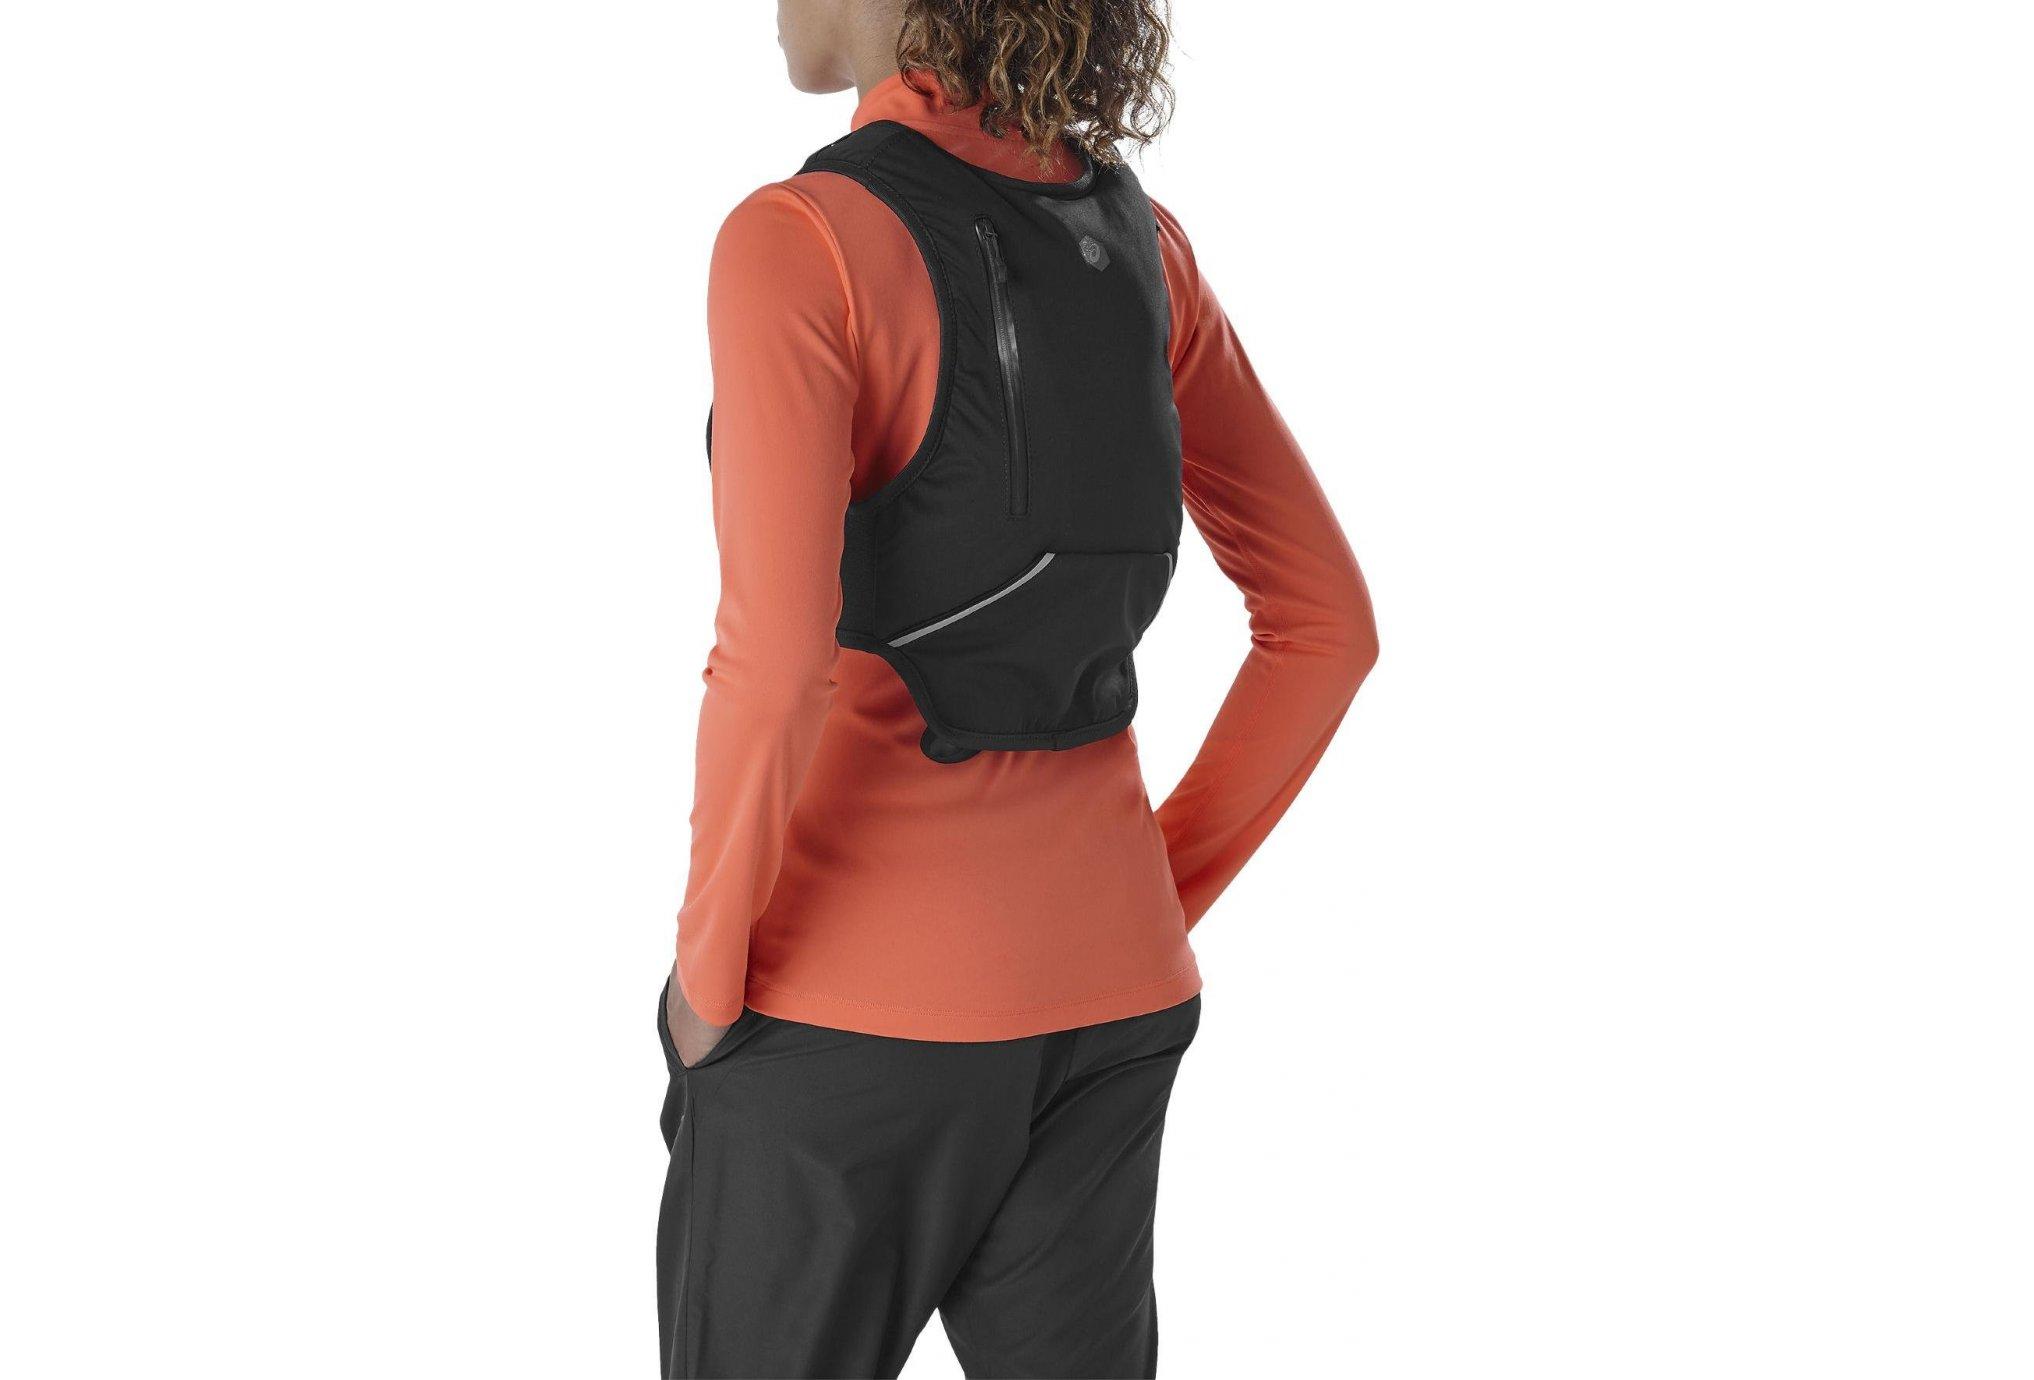 Asics Running Backpack Sac à dos